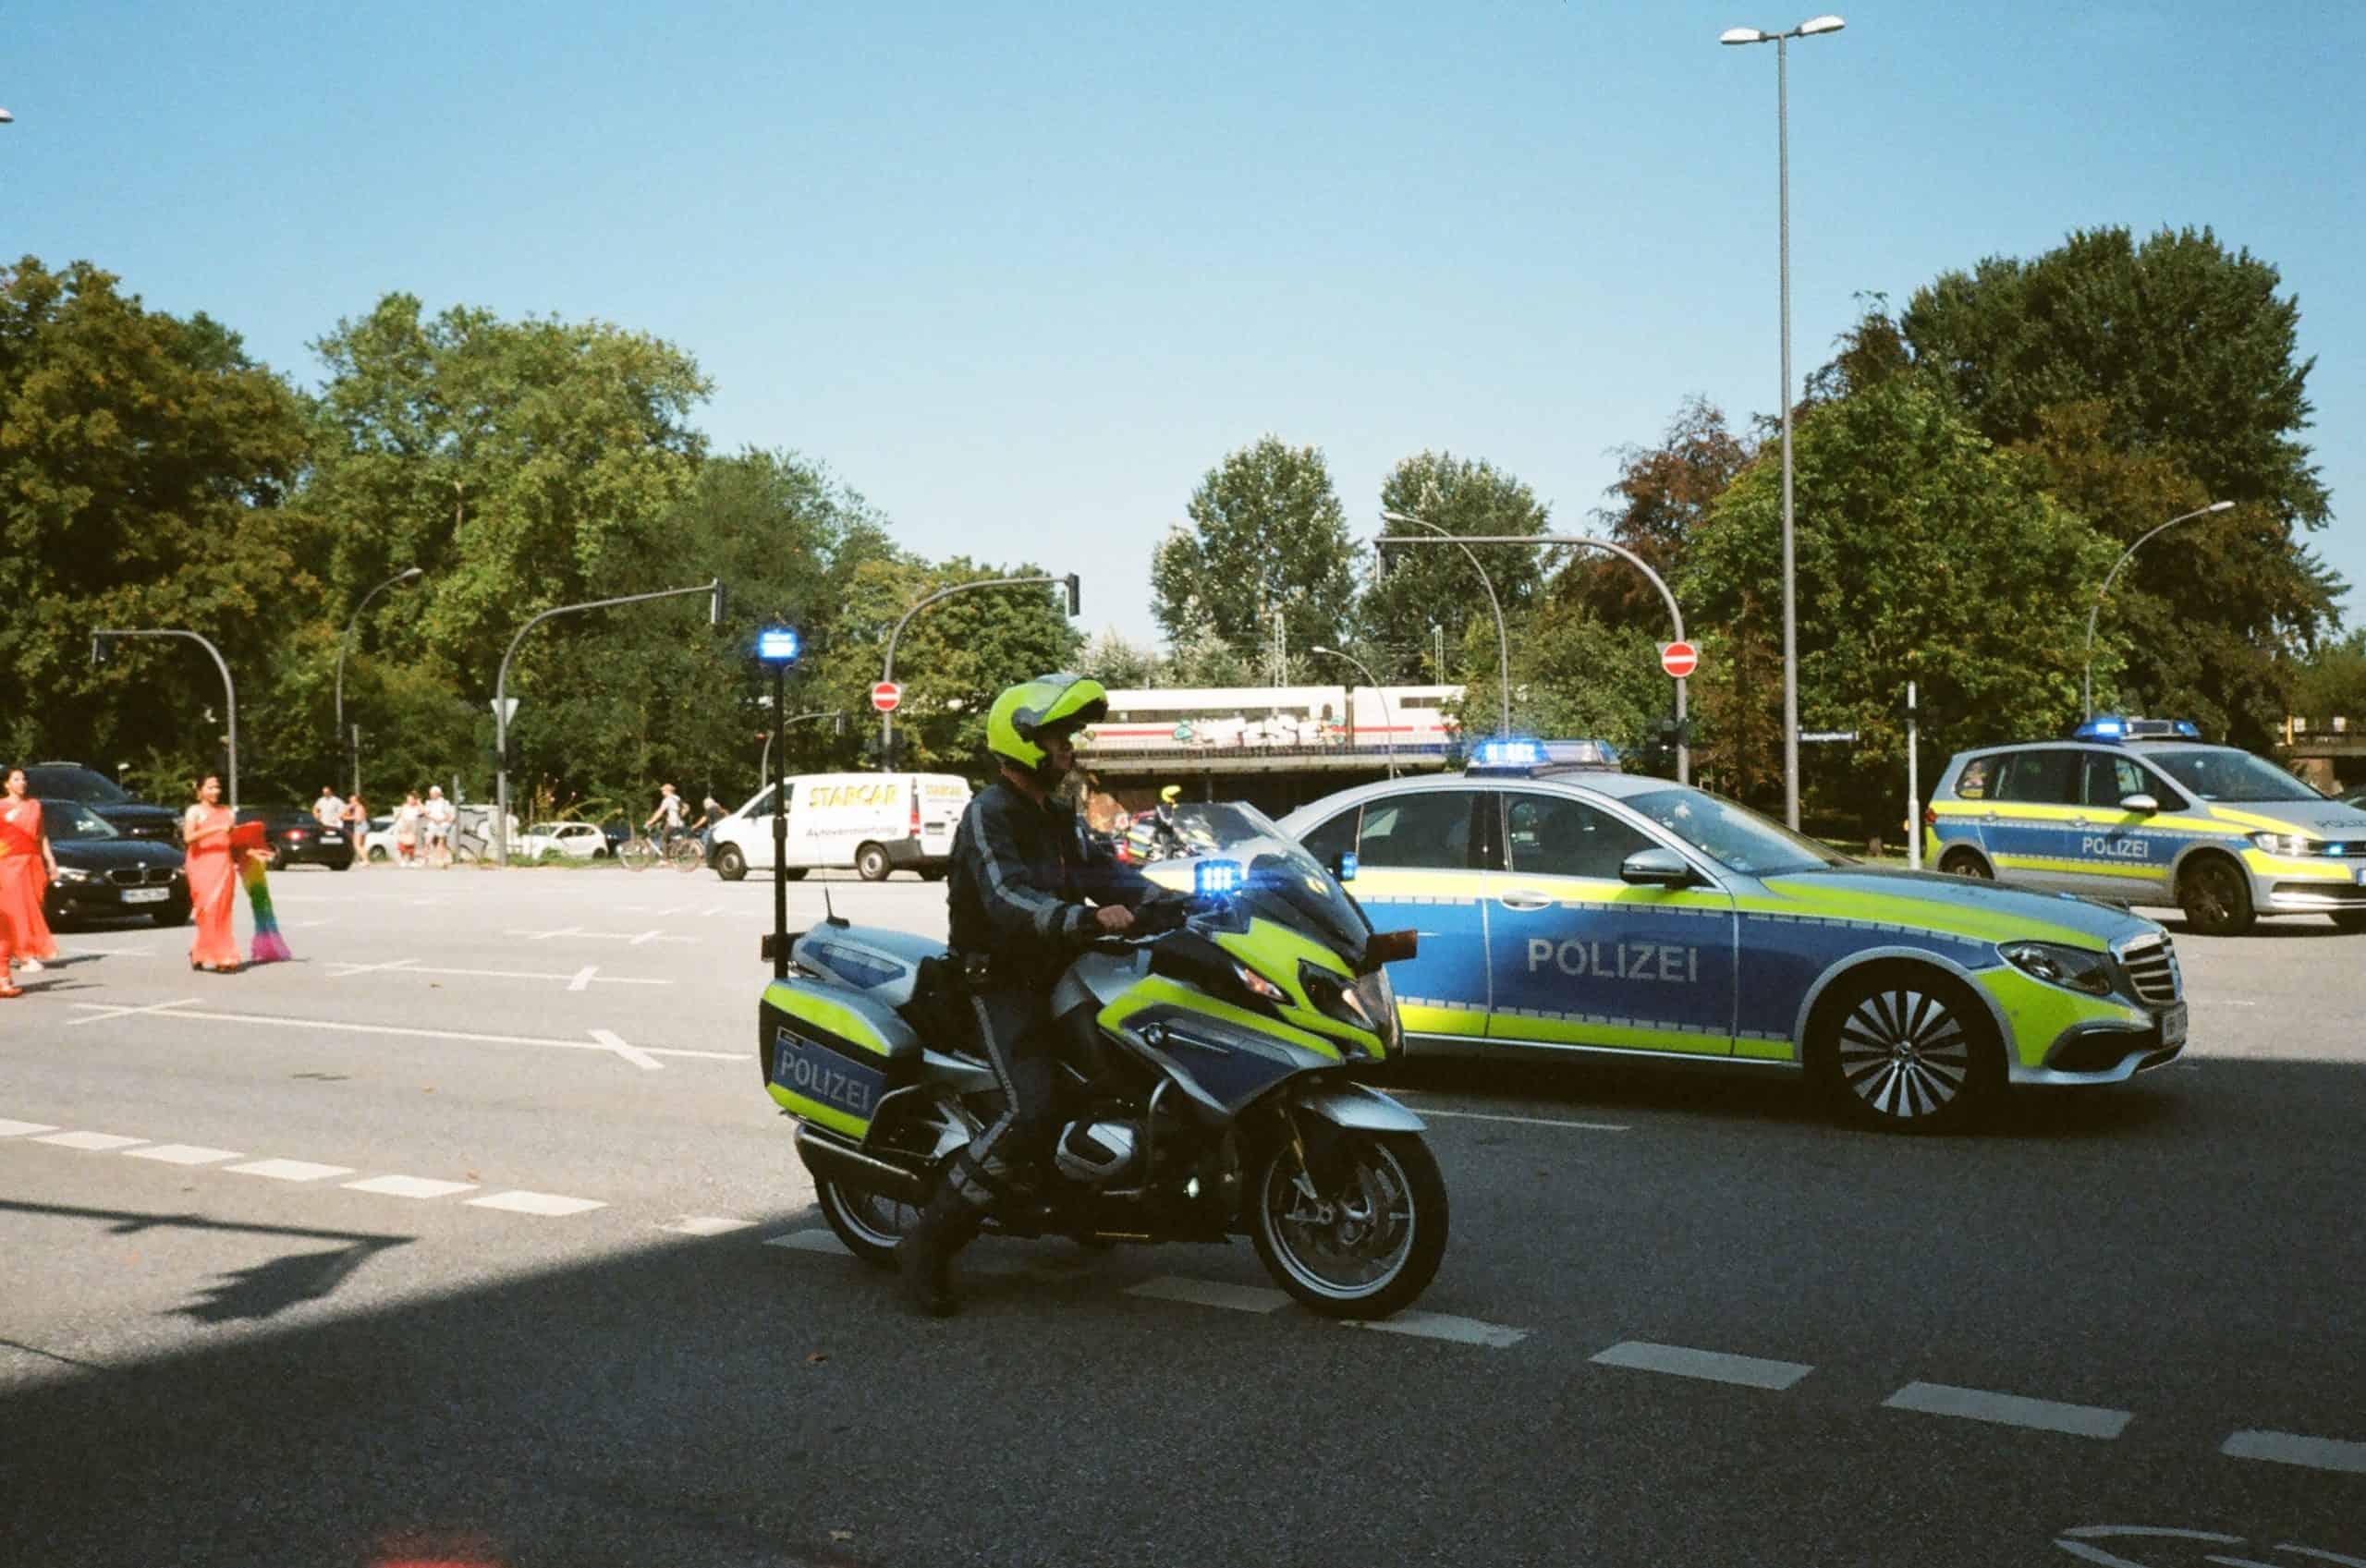 polizei krankenversicherung finden